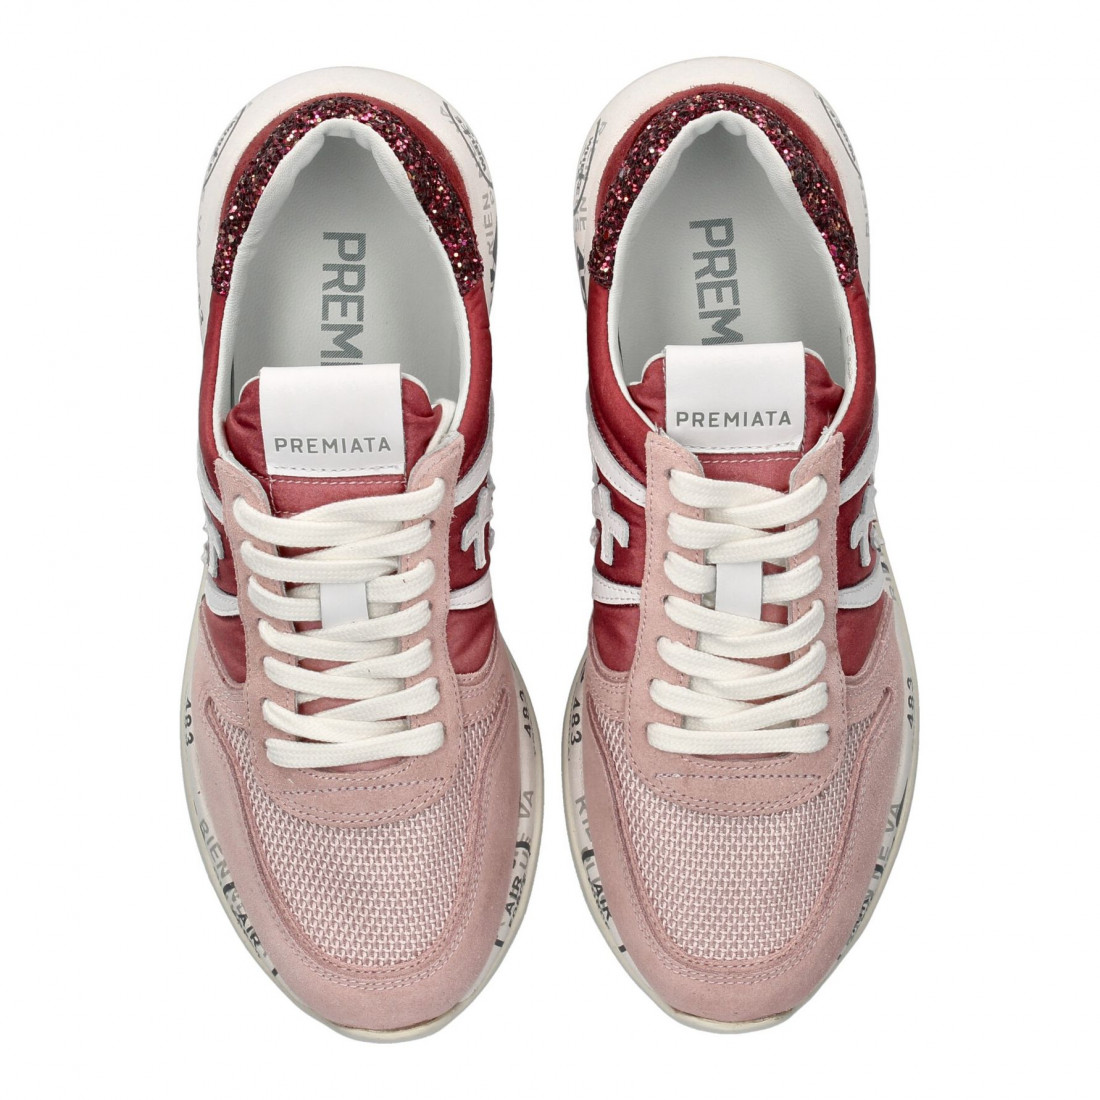 sneakers woman premiata layla4691 8198